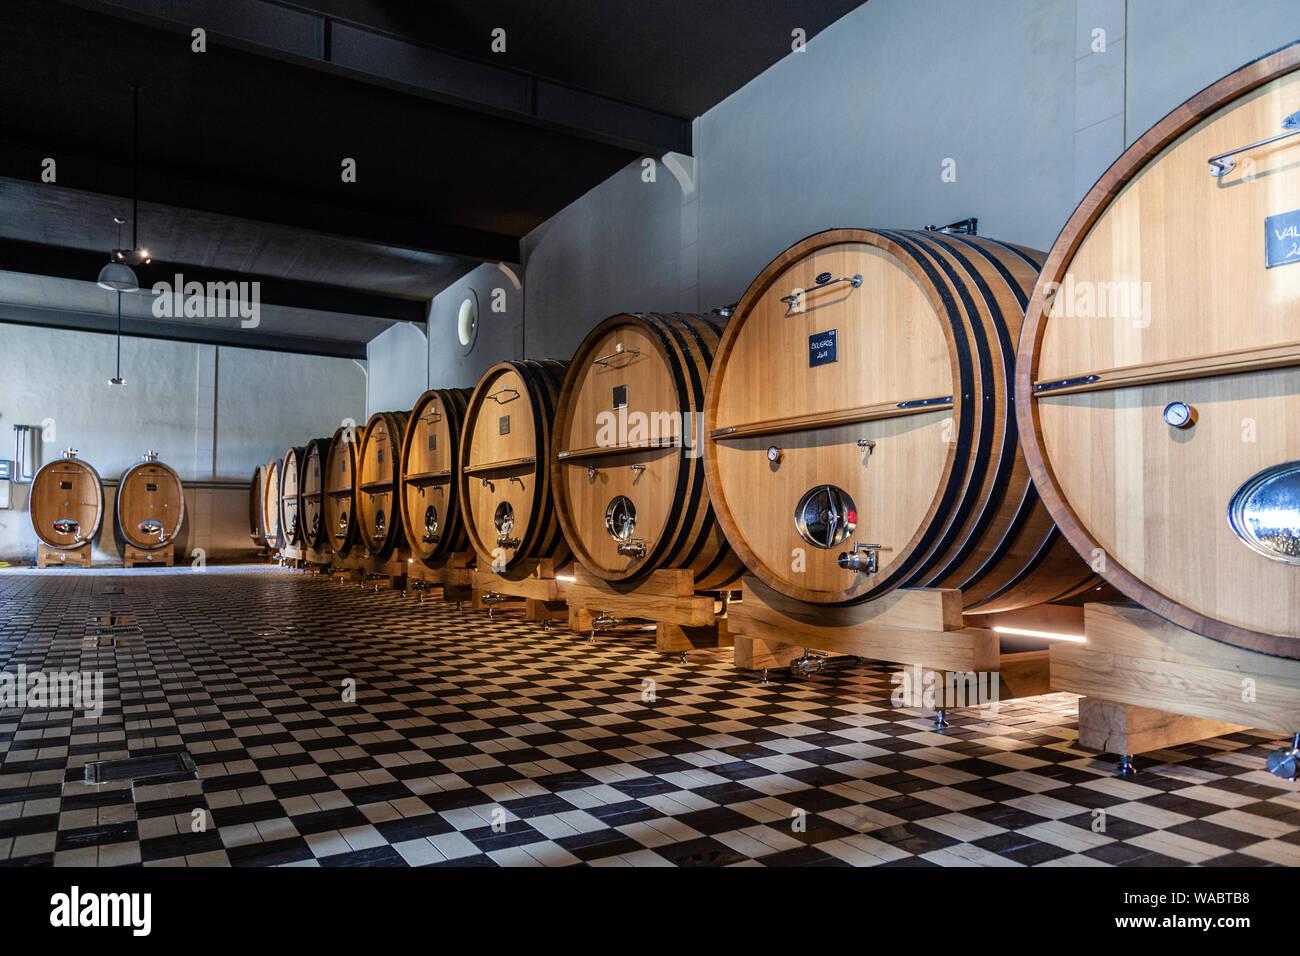 France Lyon 2019-06-21 giant wooden barrels, aging